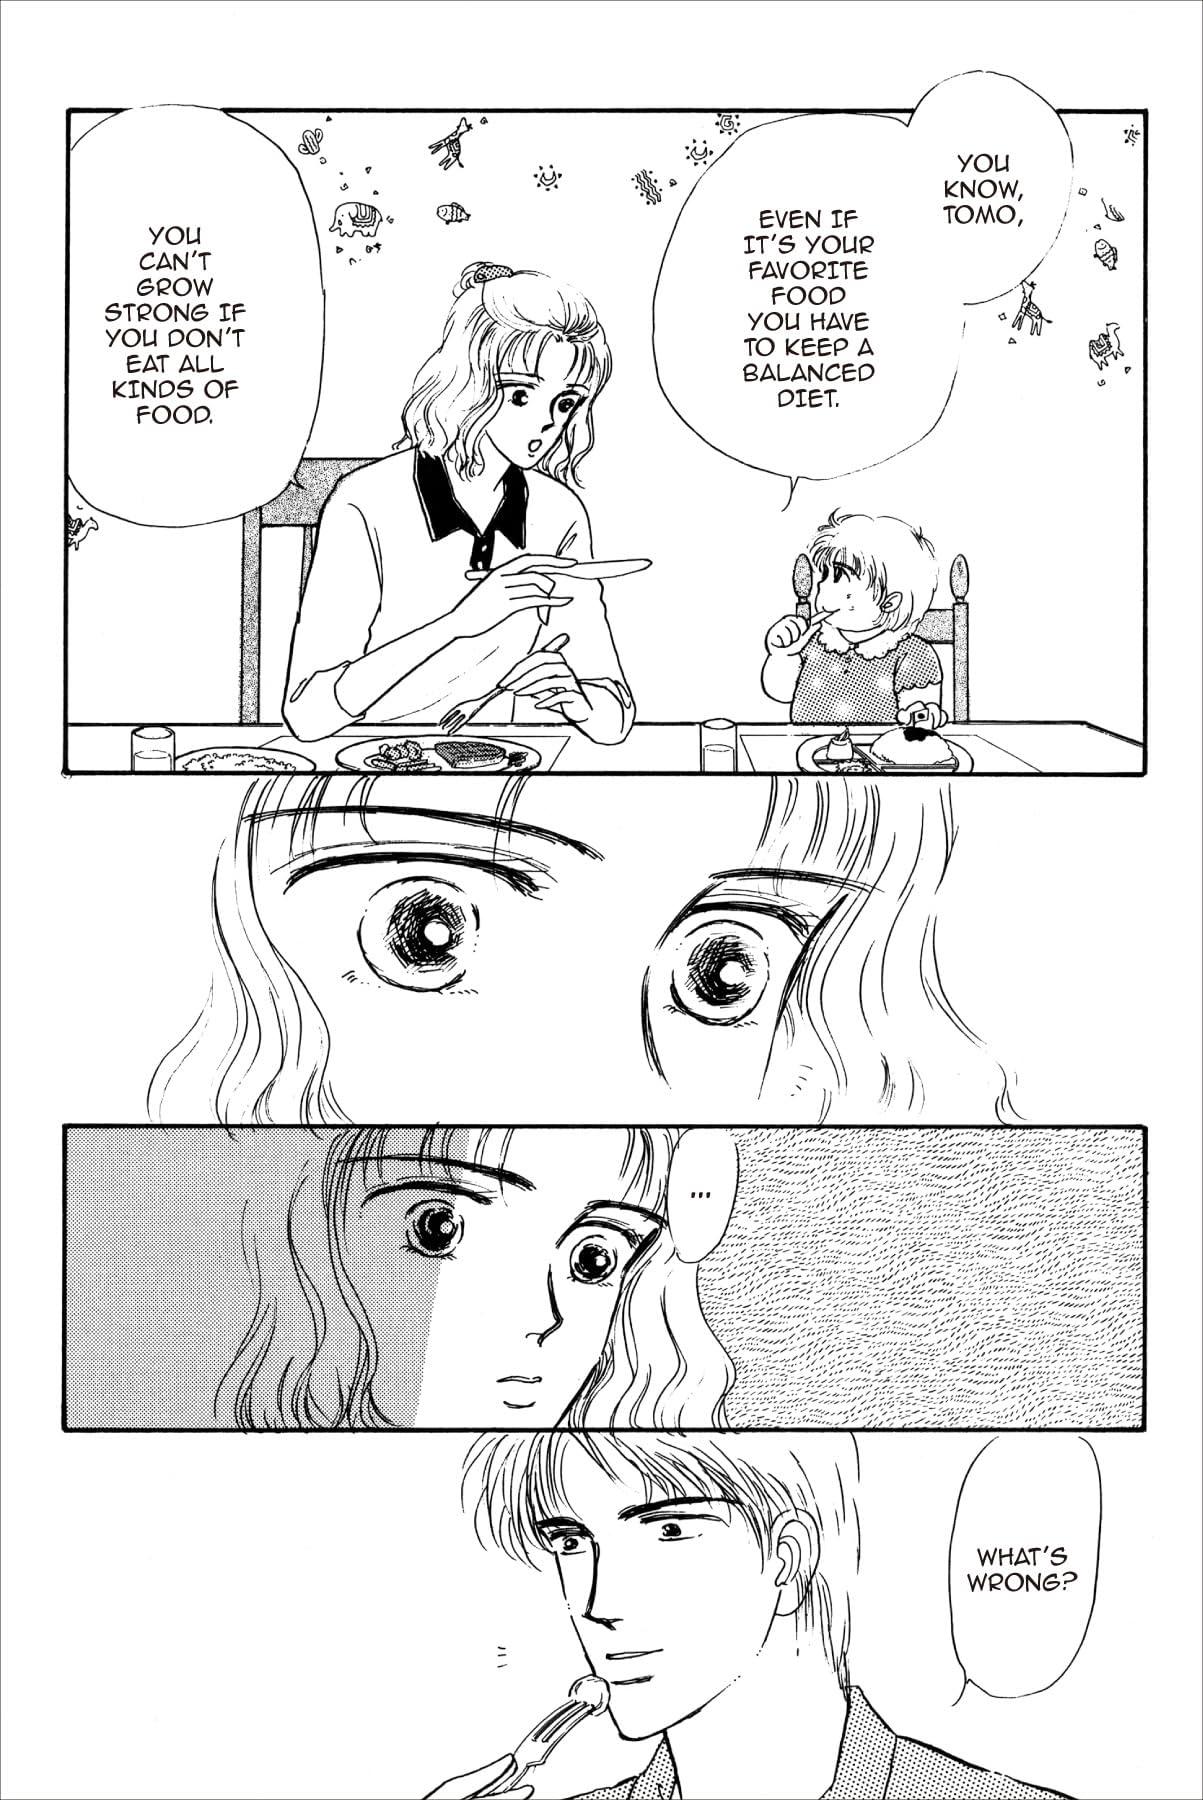 KYOKO SHIMAZU AUTHOR'S EDITION #1